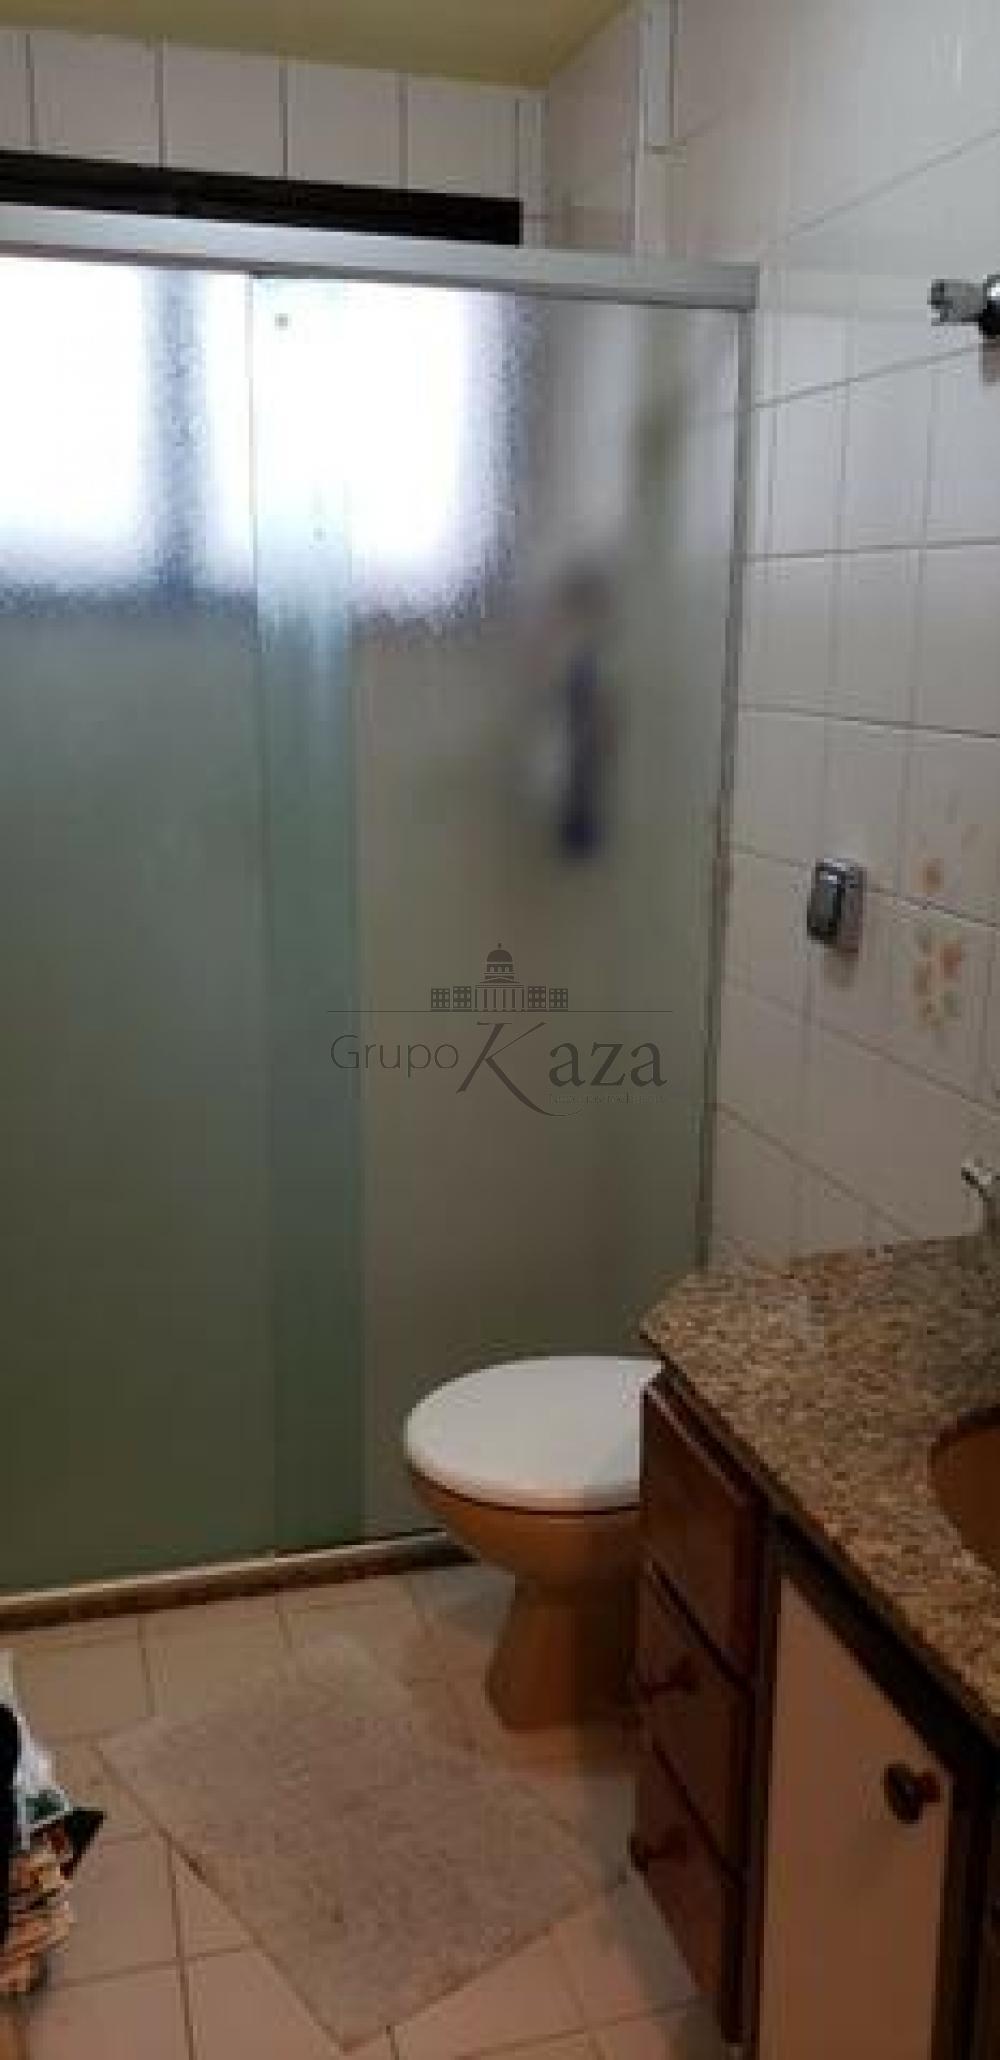 alt='Comprar Apartamento / Padrão em São José dos Campos R$ 530.000,00 - Foto 6' title='Comprar Apartamento / Padrão em São José dos Campos R$ 530.000,00 - Foto 6'